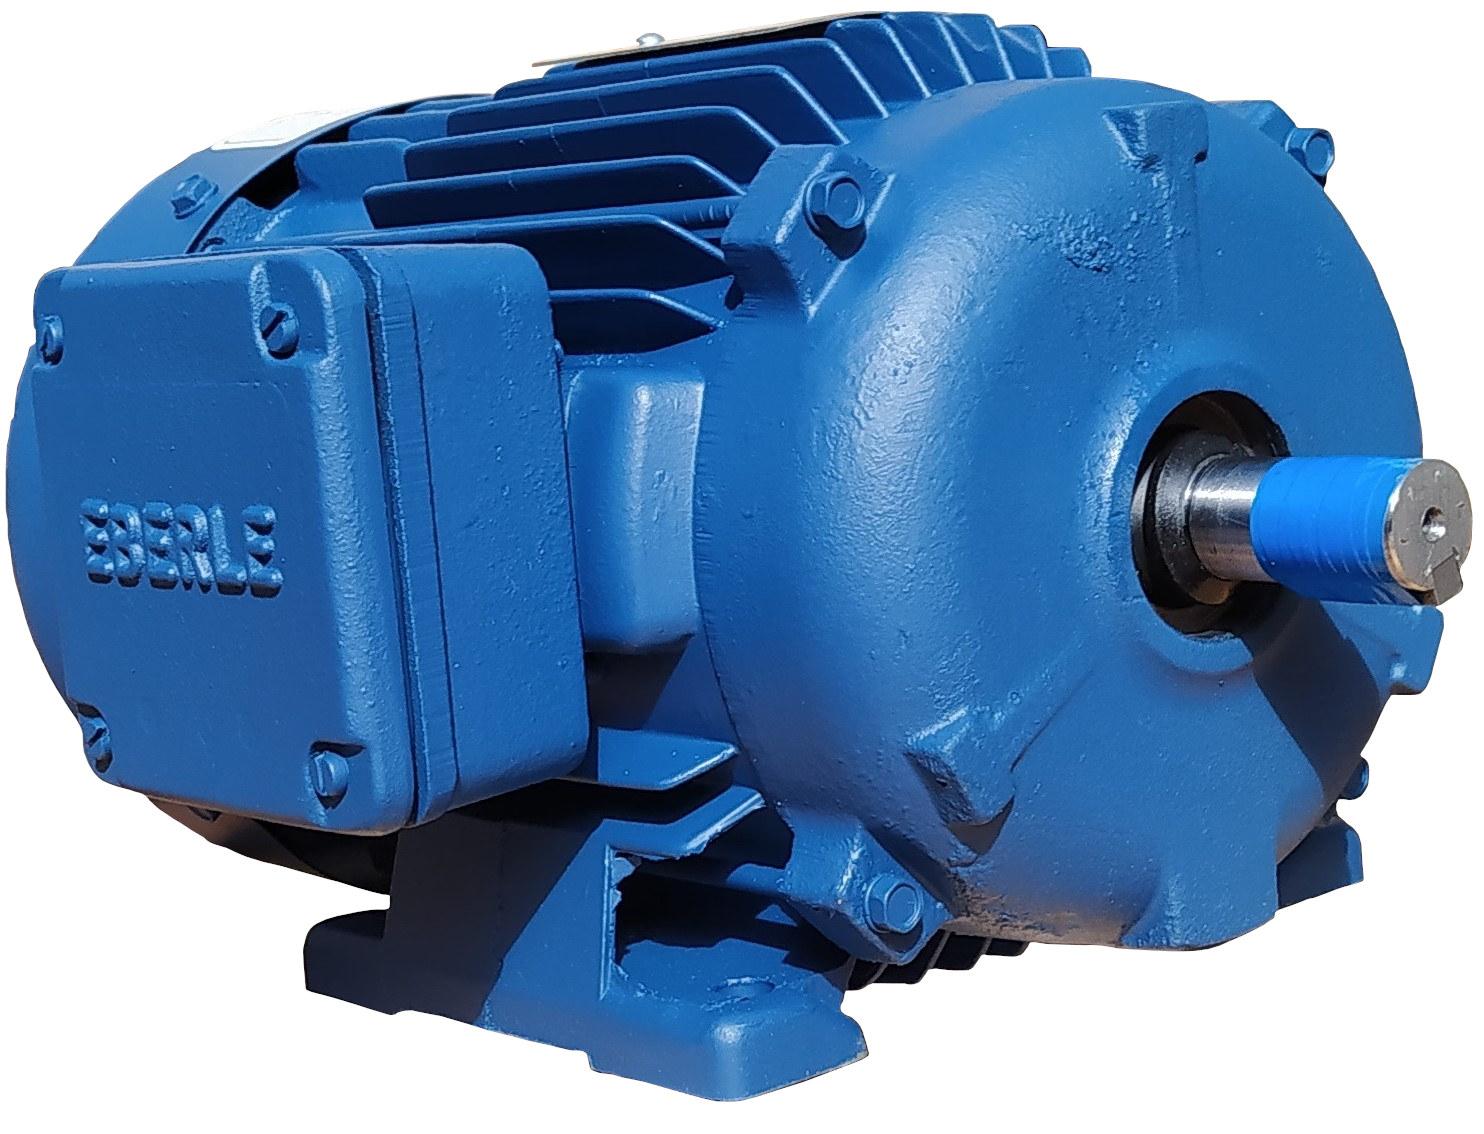 Motor Elétrico Trifásico 2cv Alta Rotação 3480 Rpm 2 Polos 220V 380V 440V 760V Eberle Mercosul